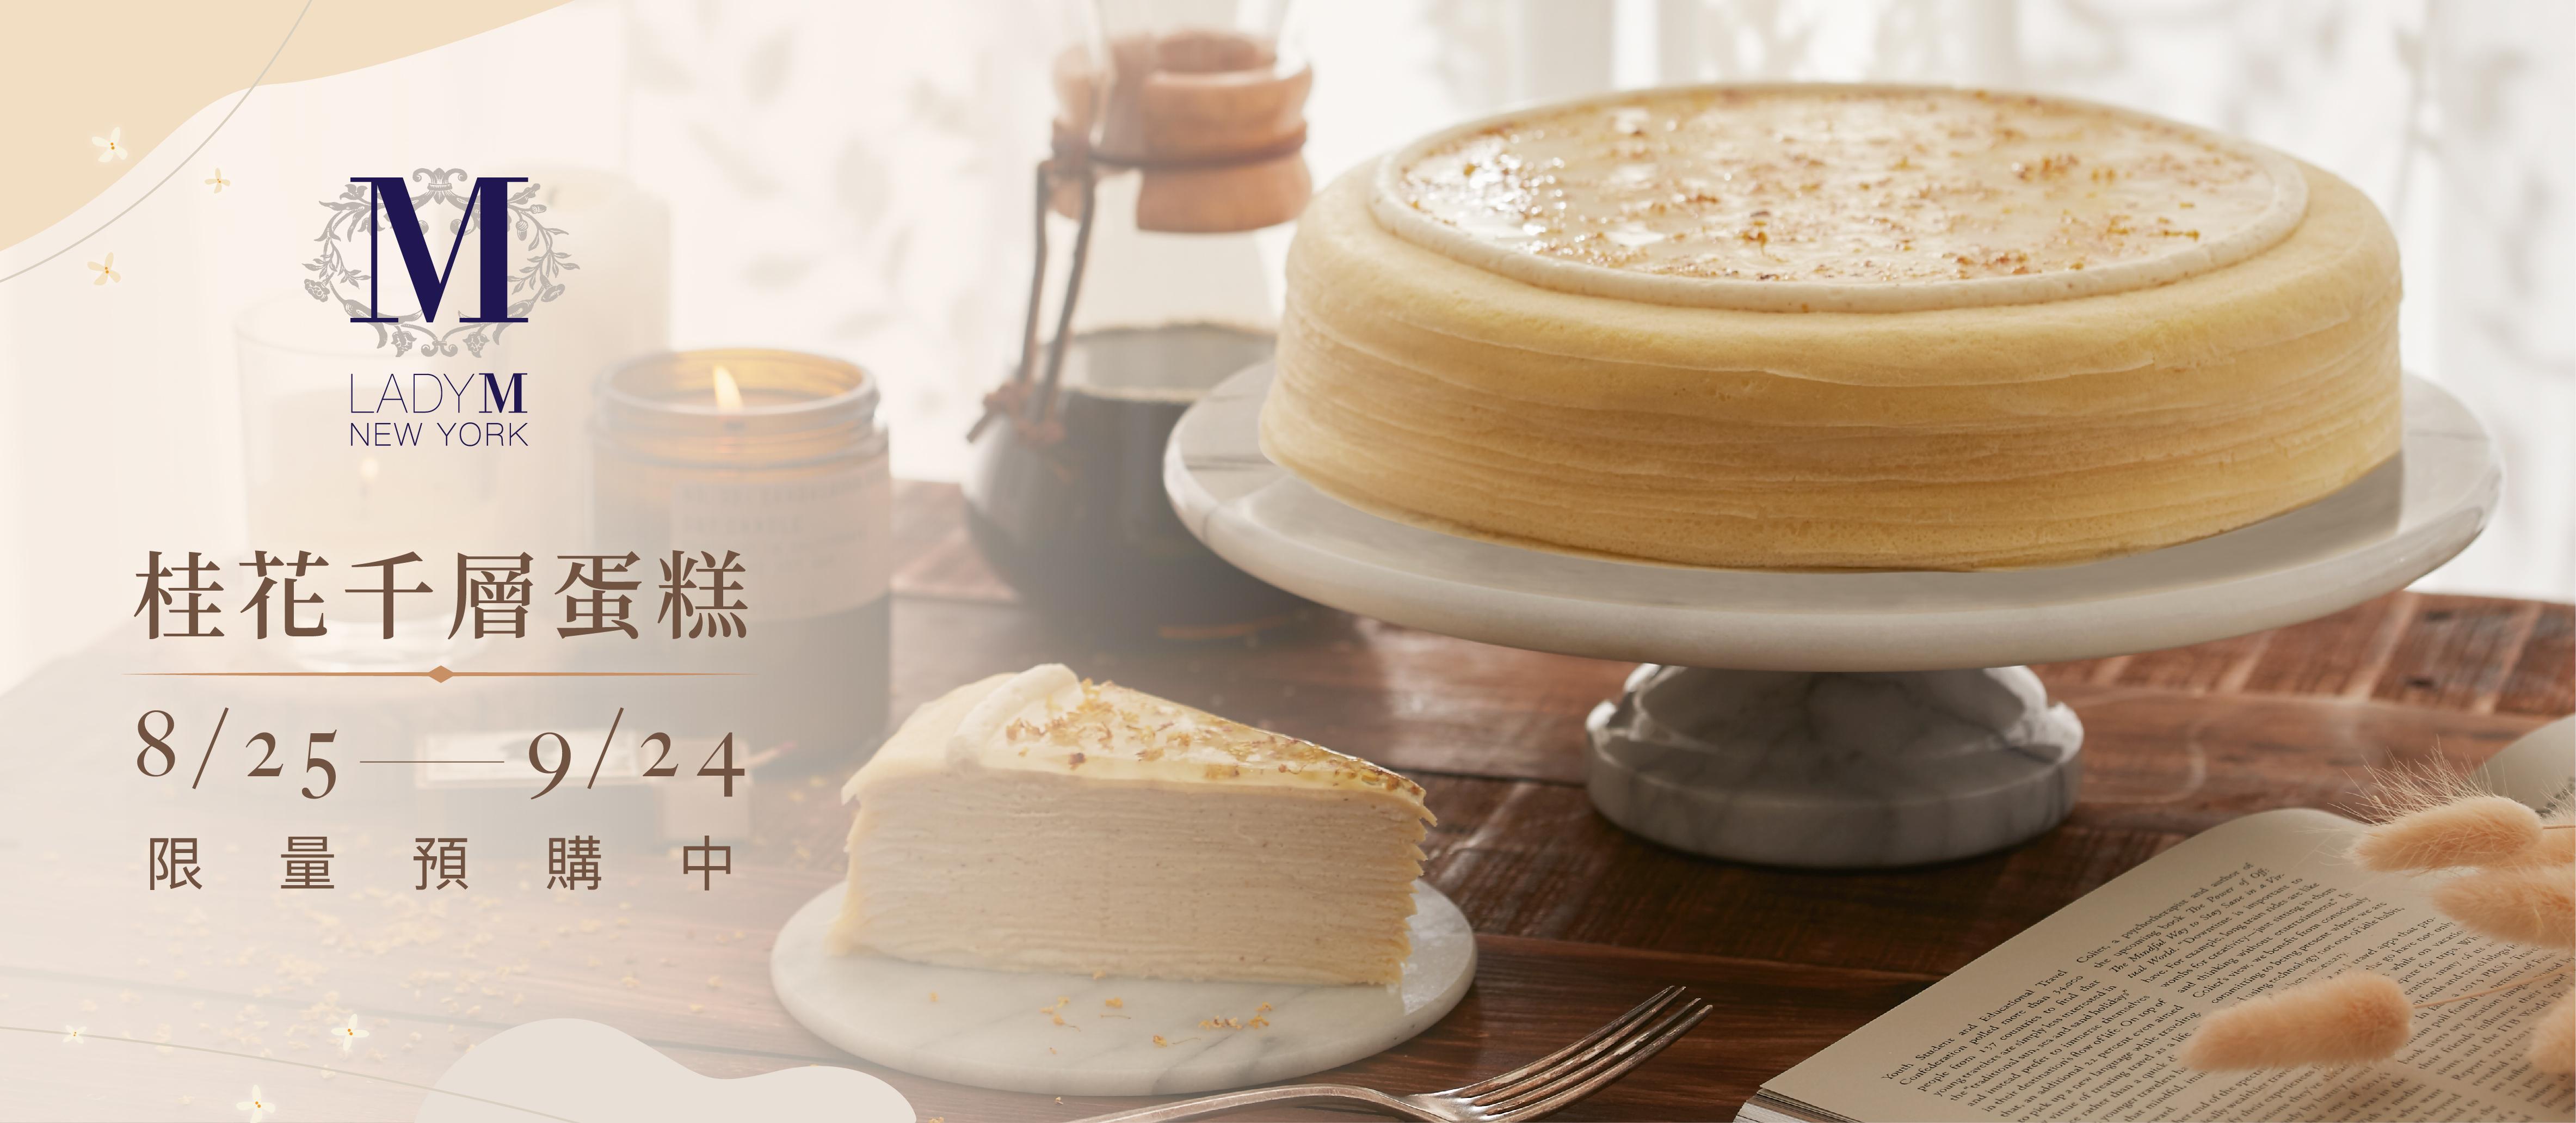 LadyM千層蛋糕預購